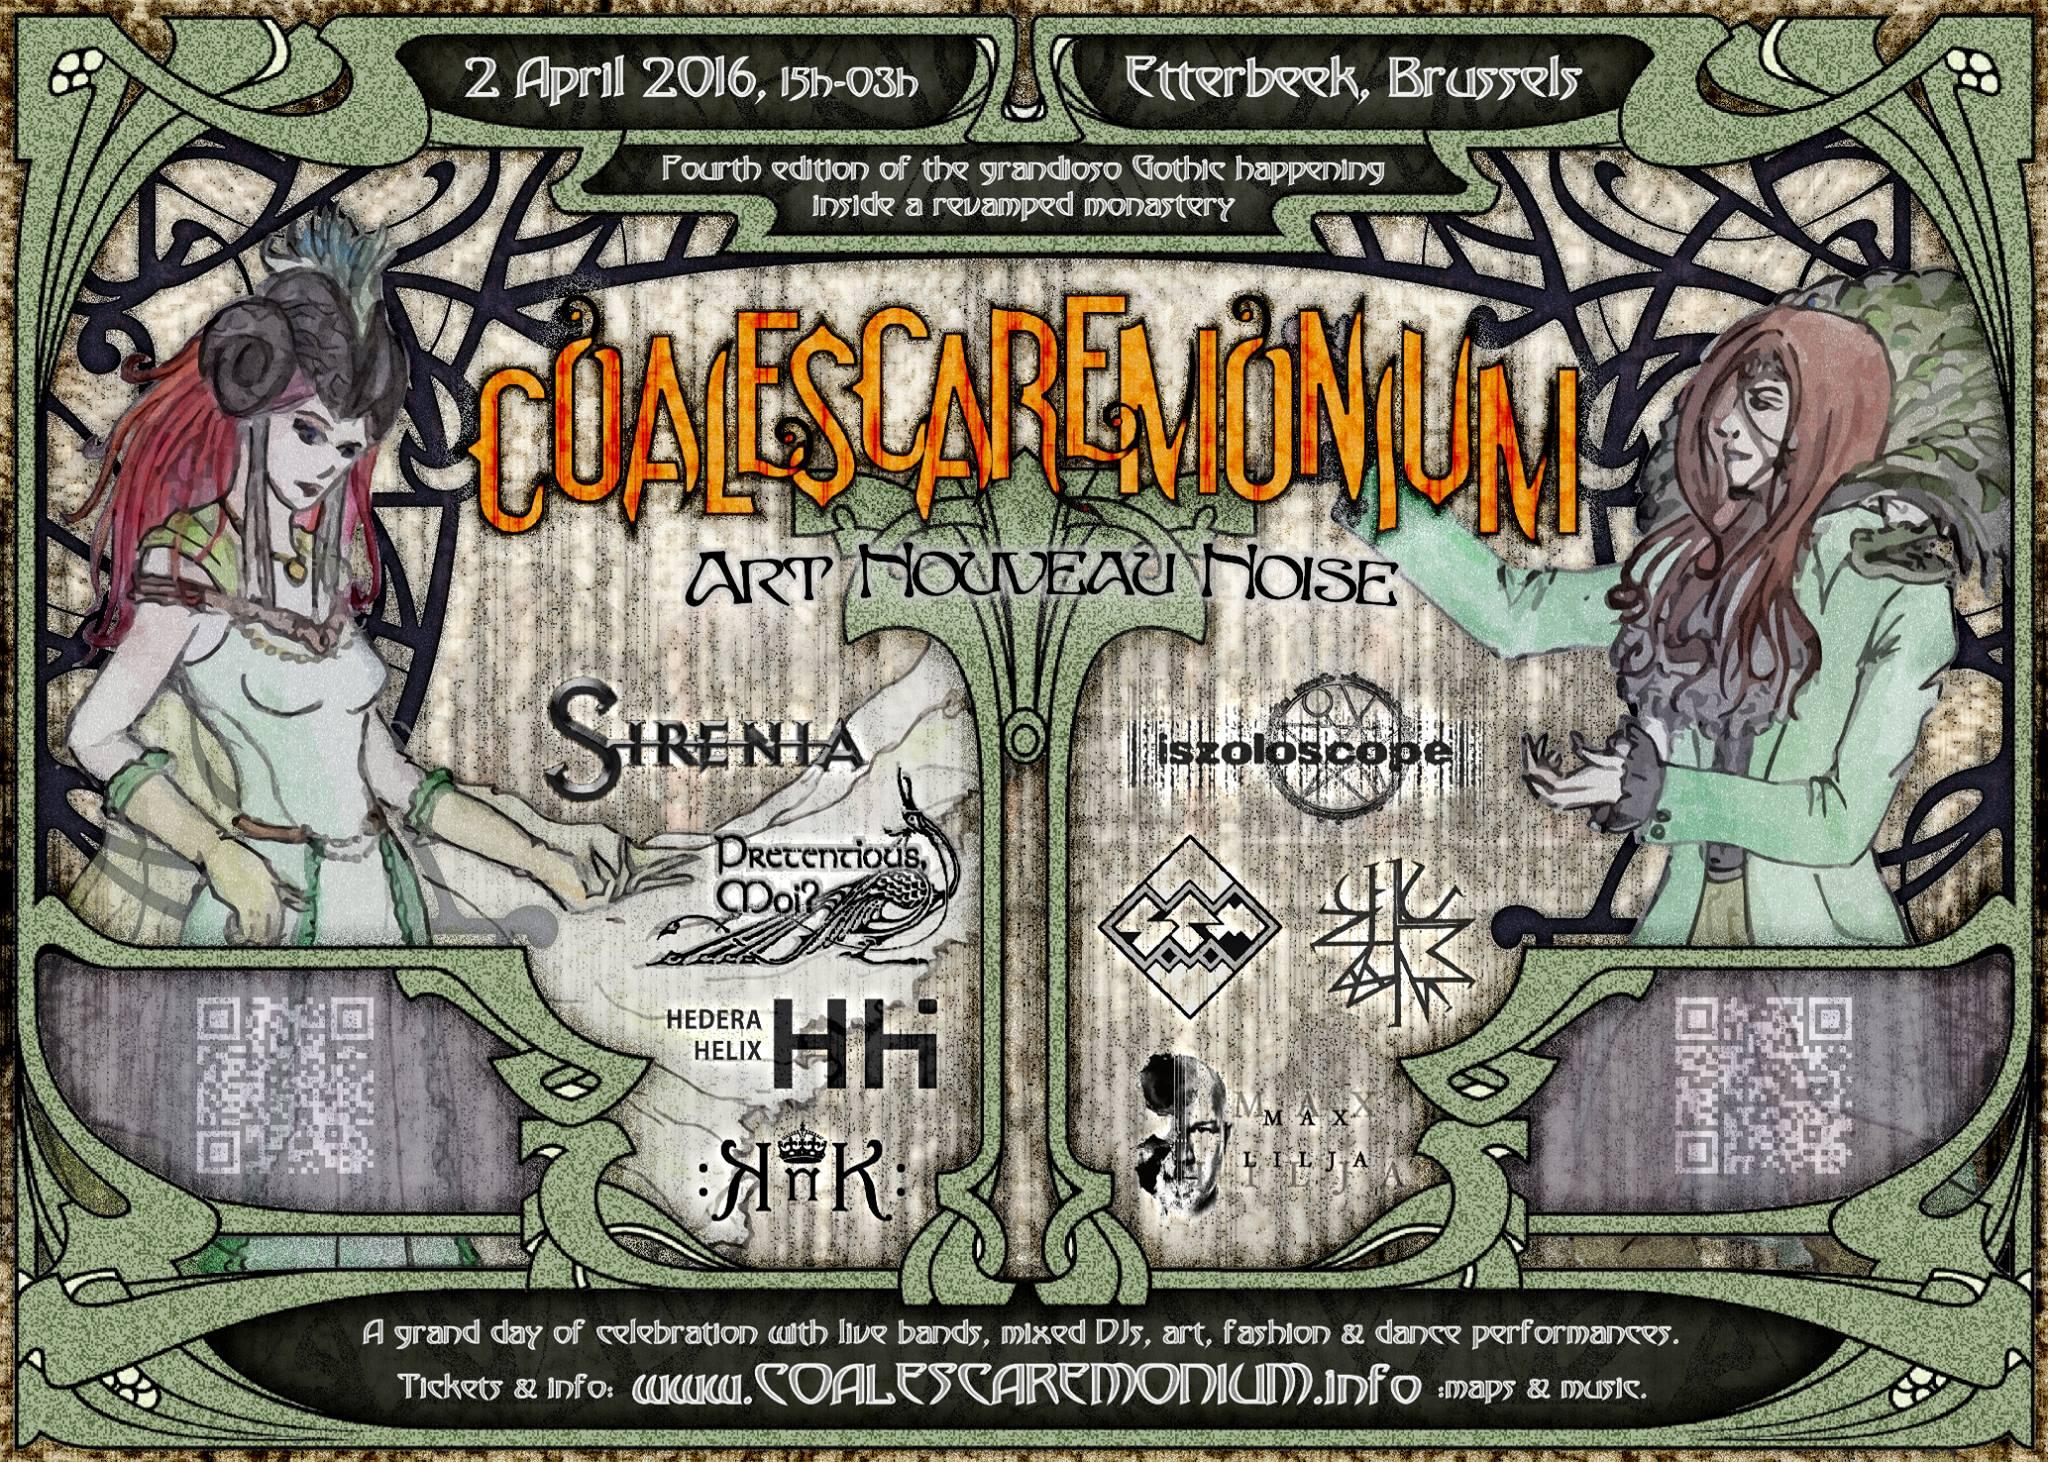 Coalescaremonium - Art Nouveau Noise